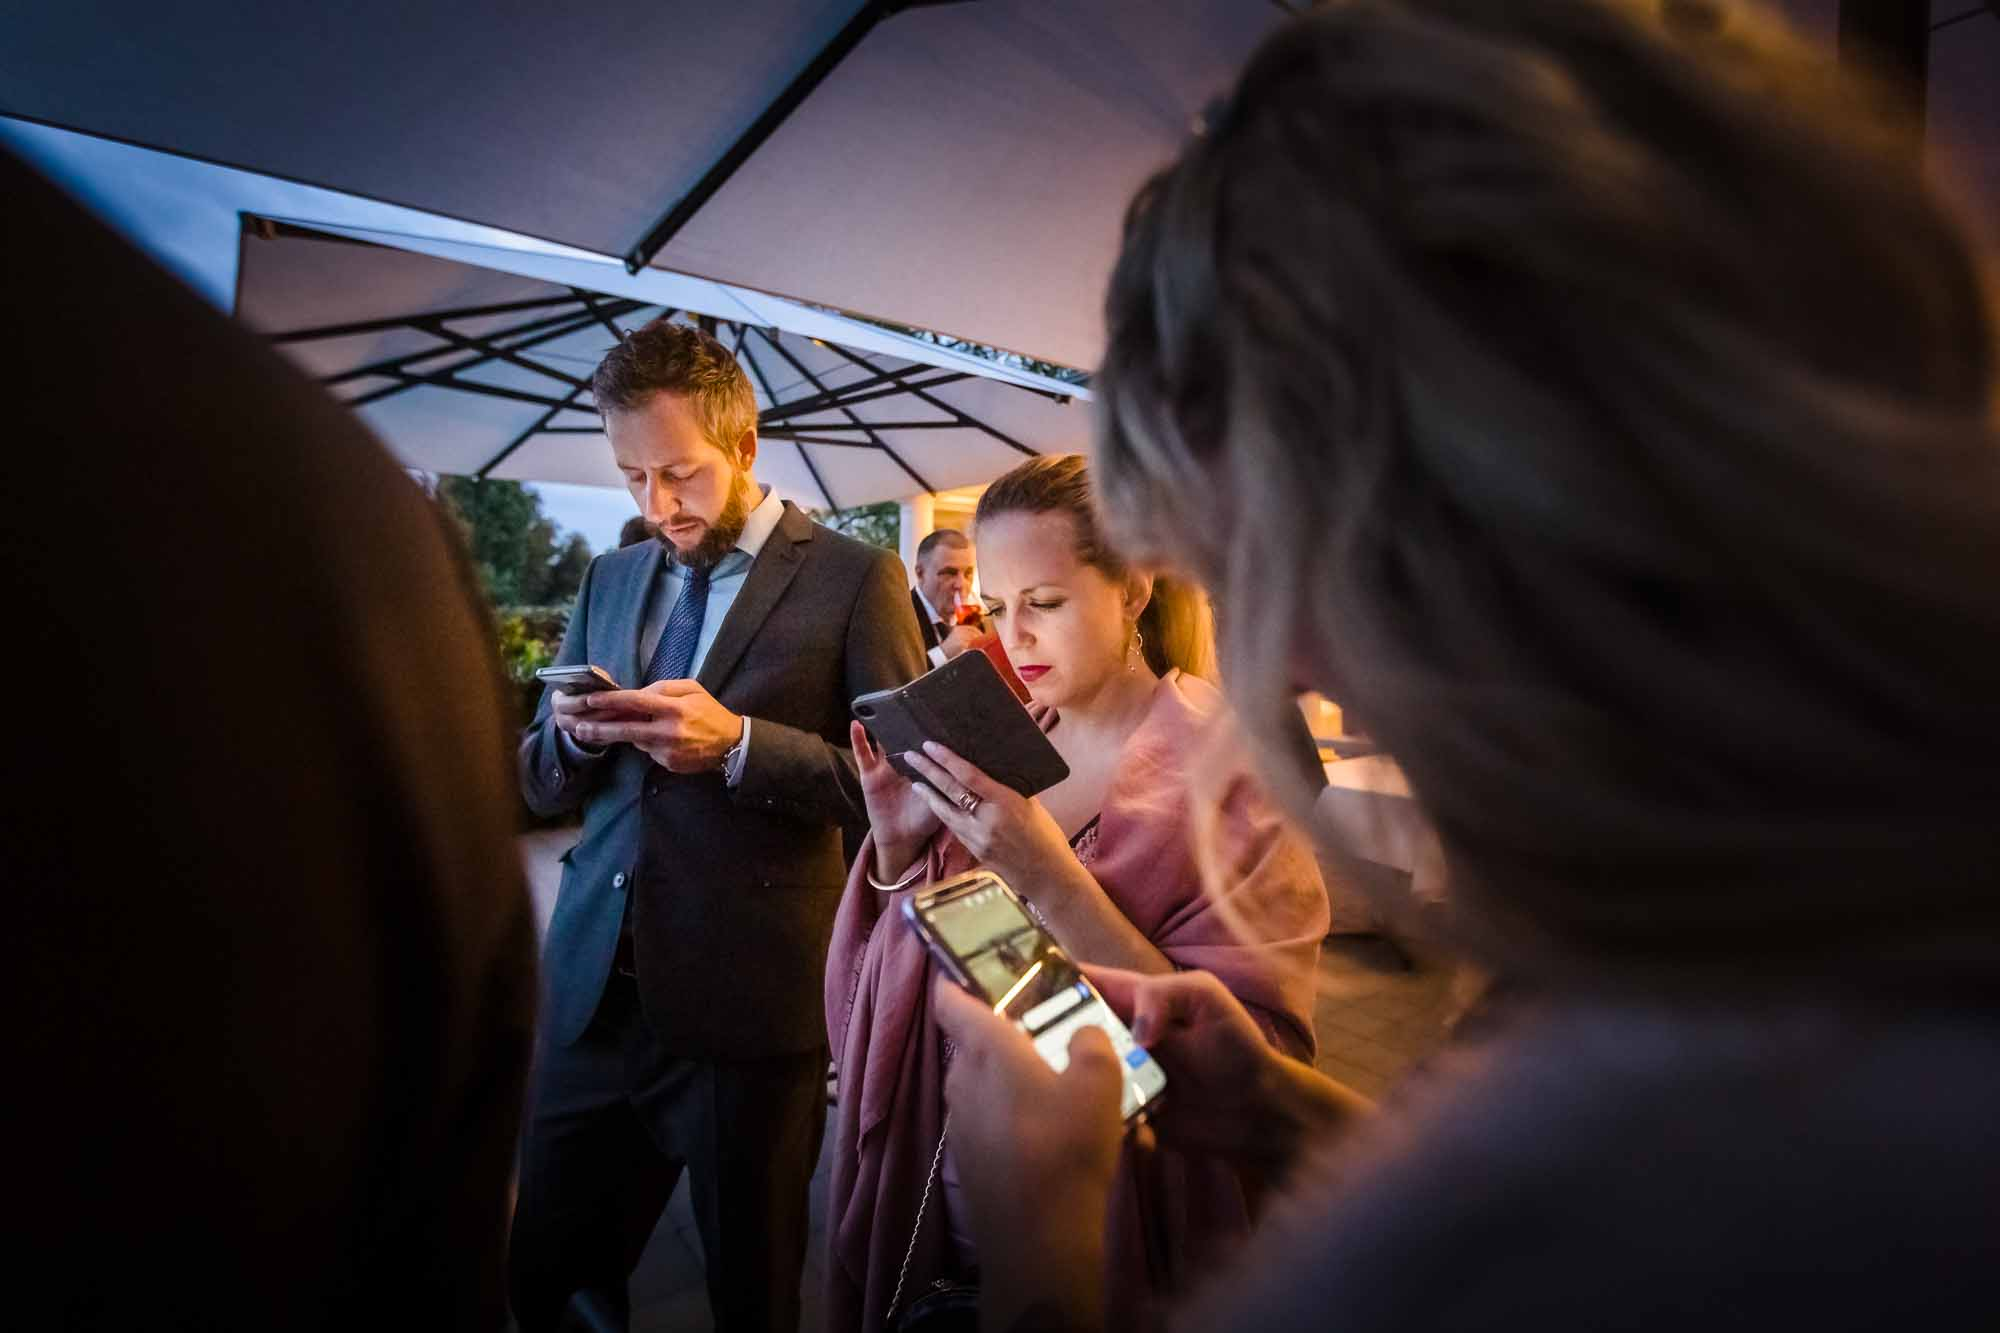 Hochzeitsgäste kleben am Handy